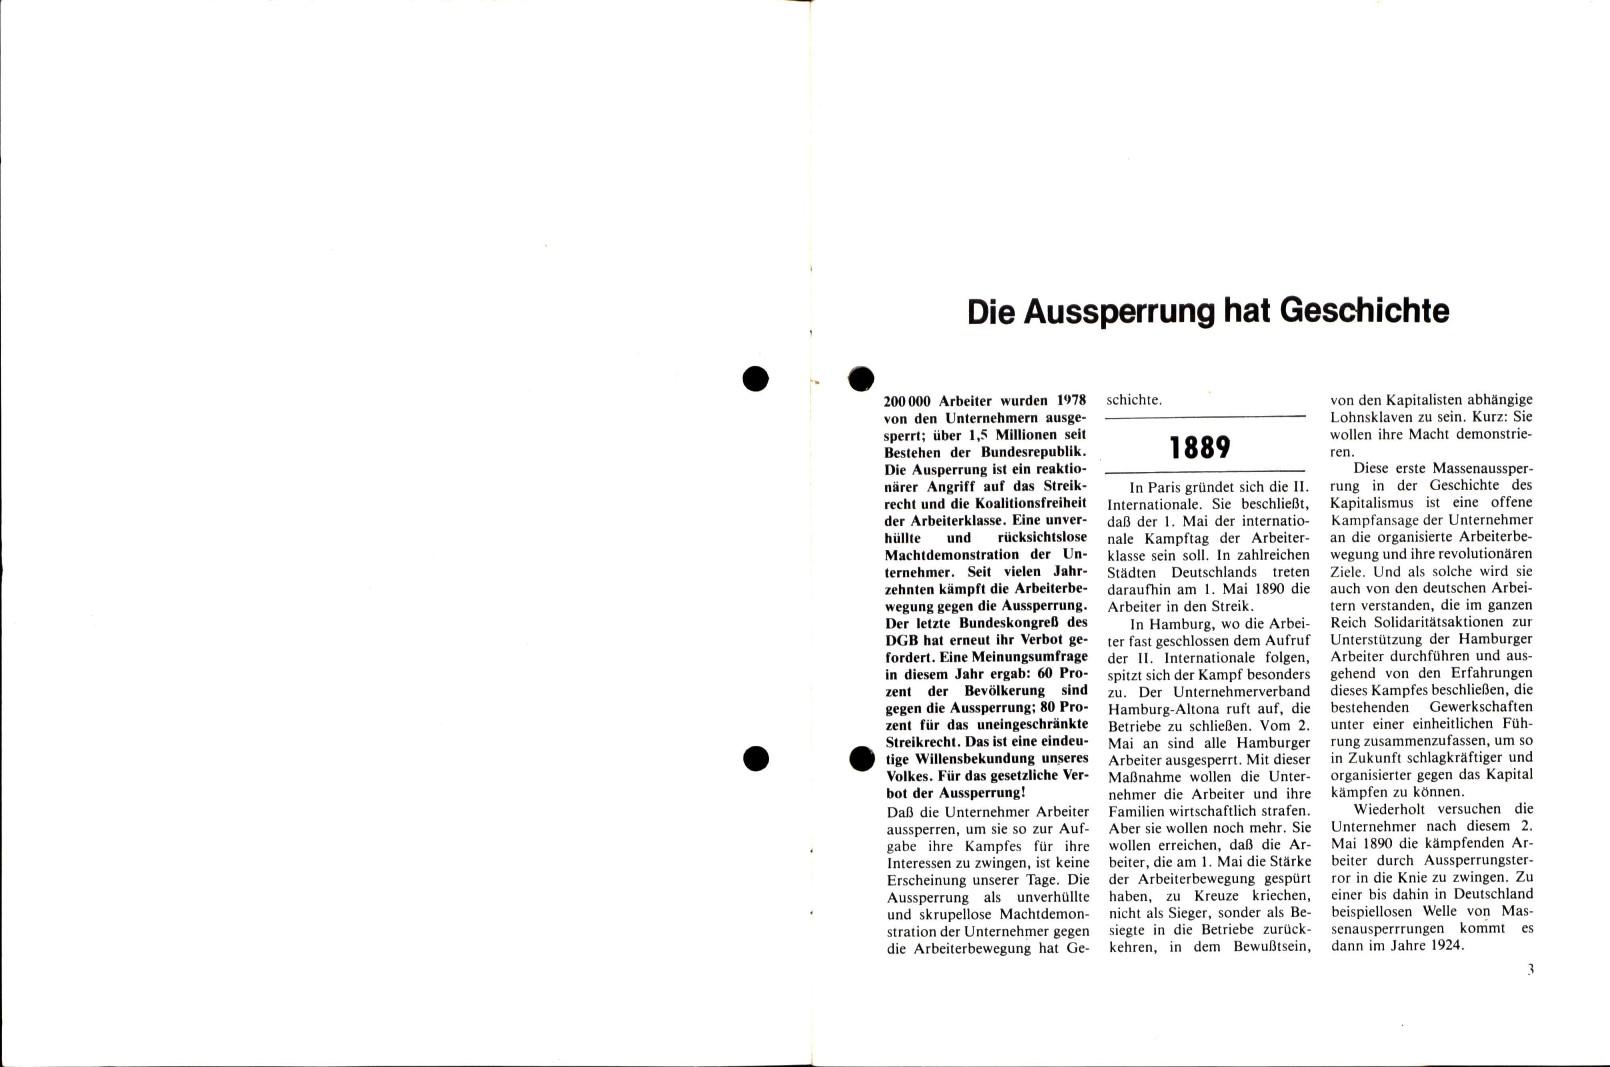 KPDML_1979_Aussperrung_verbieten_02